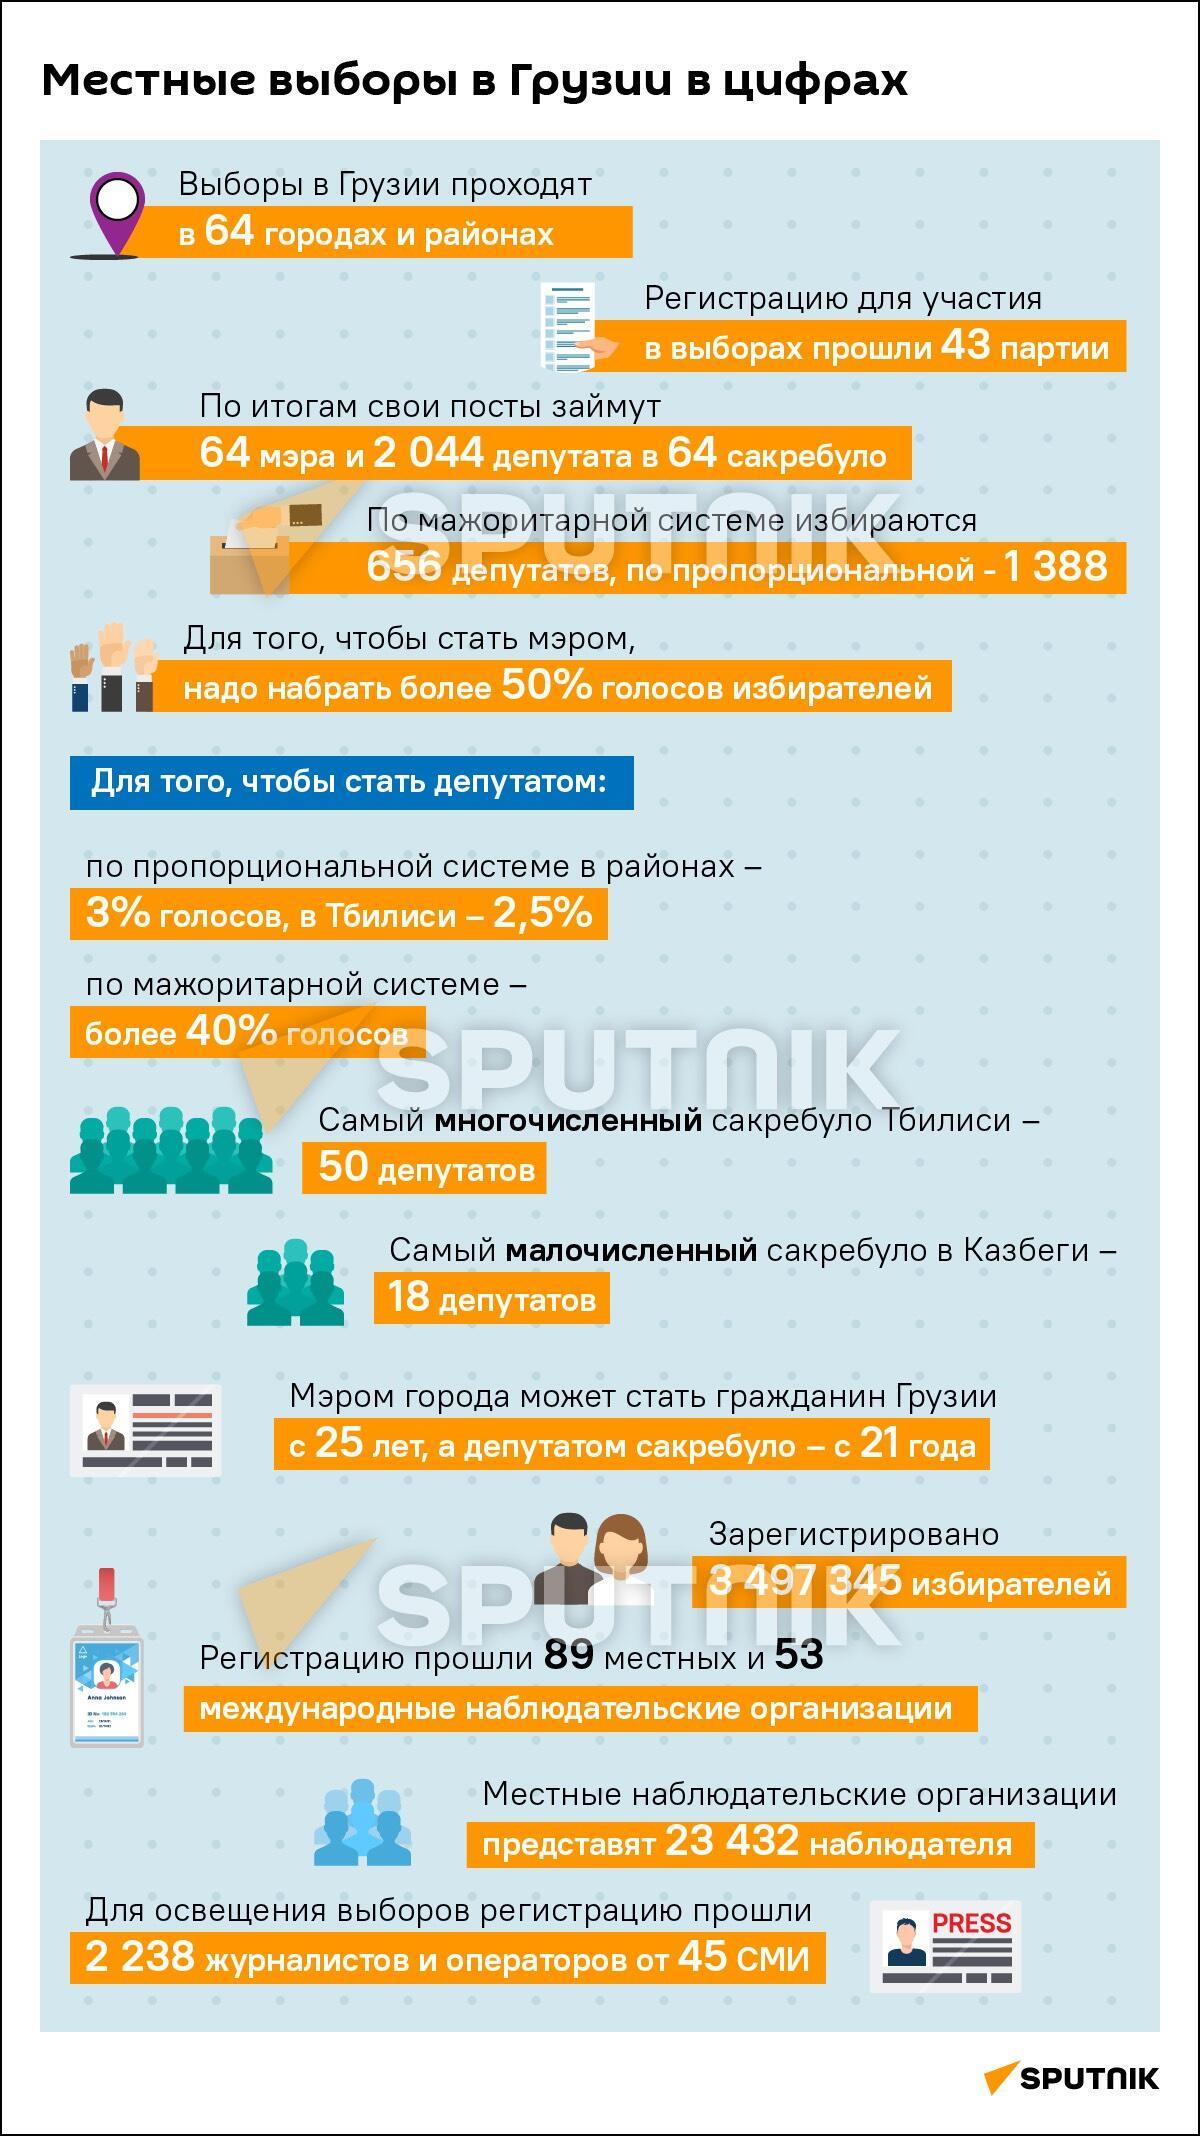 Местные выборы в Грузии в цифрах - Sputnik Грузия